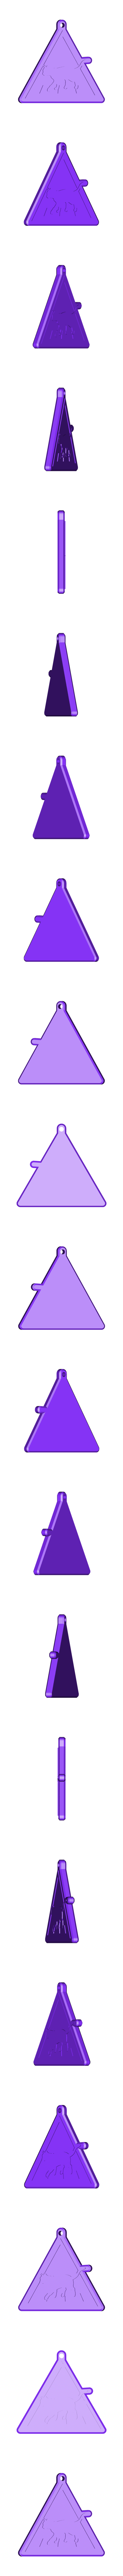 77e45cb7 62e5 456d bb2c 8a456808863c